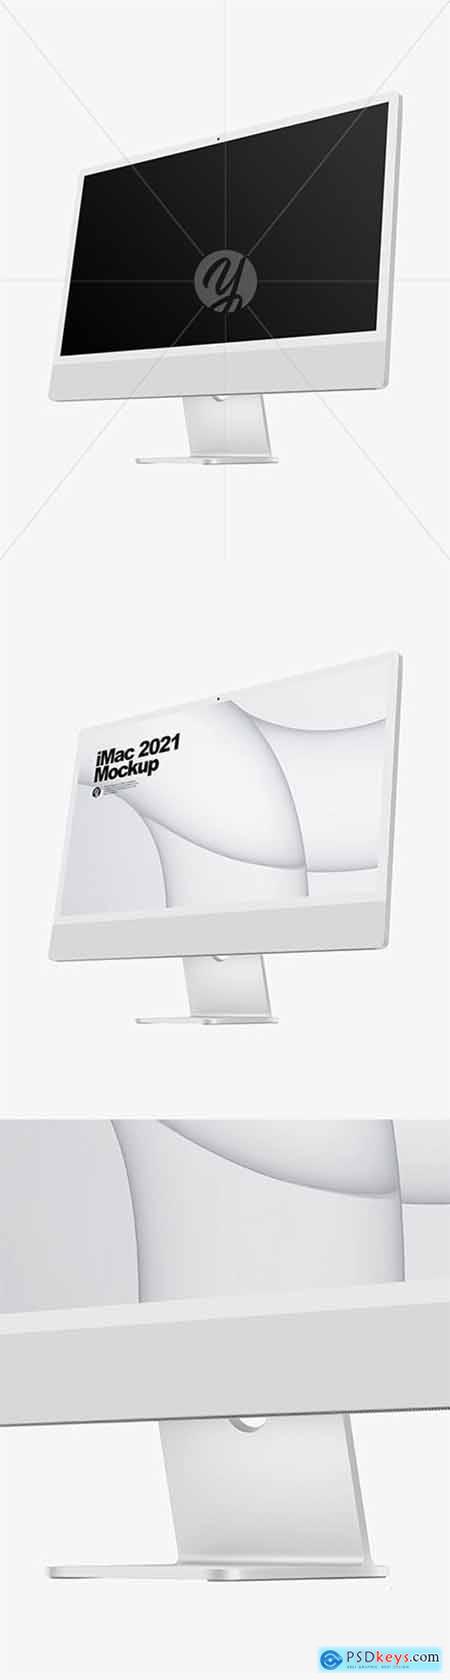 Silver iMac 24 Mockup 82255